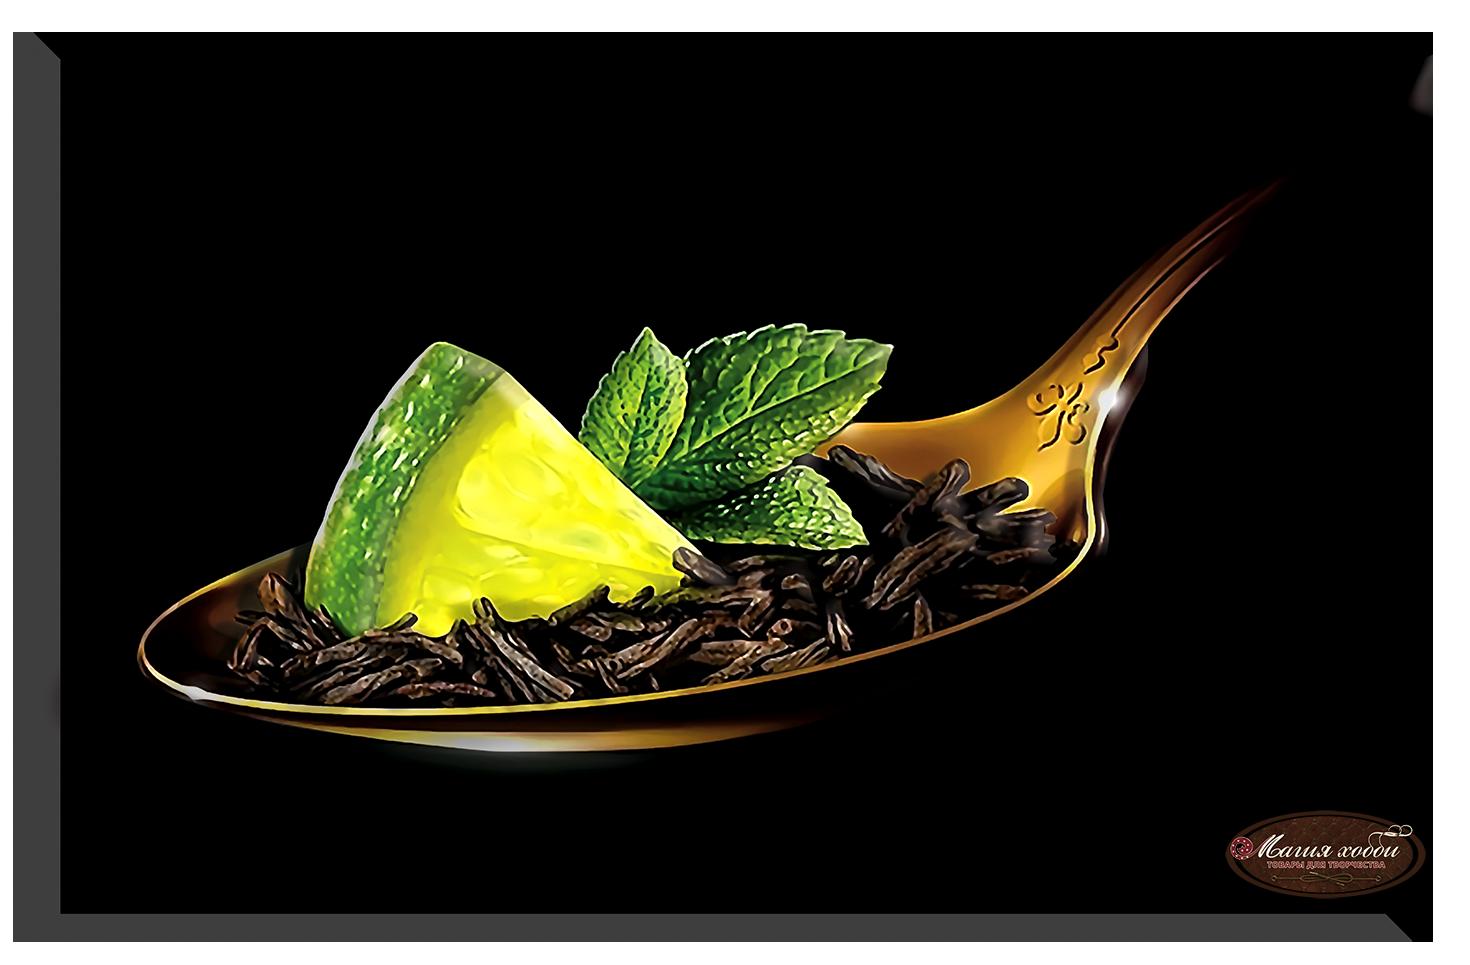 Чай с лимоном, Размер: 15*20